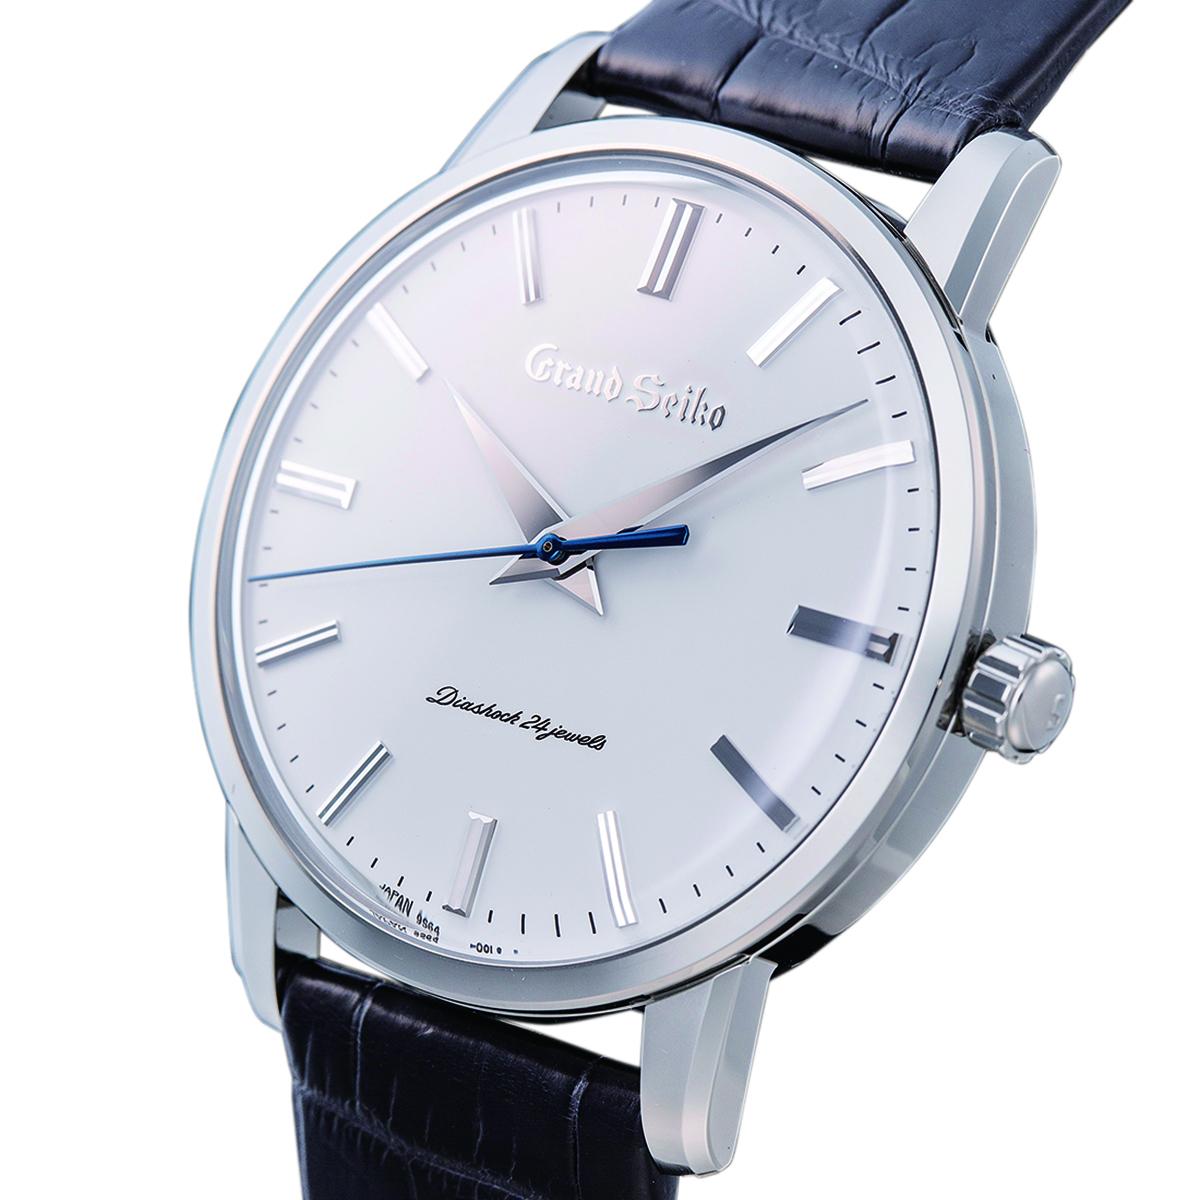 看護師の彼女が付き合って1ヶ月記念でグランドセイコーの時計くれたんだけど……